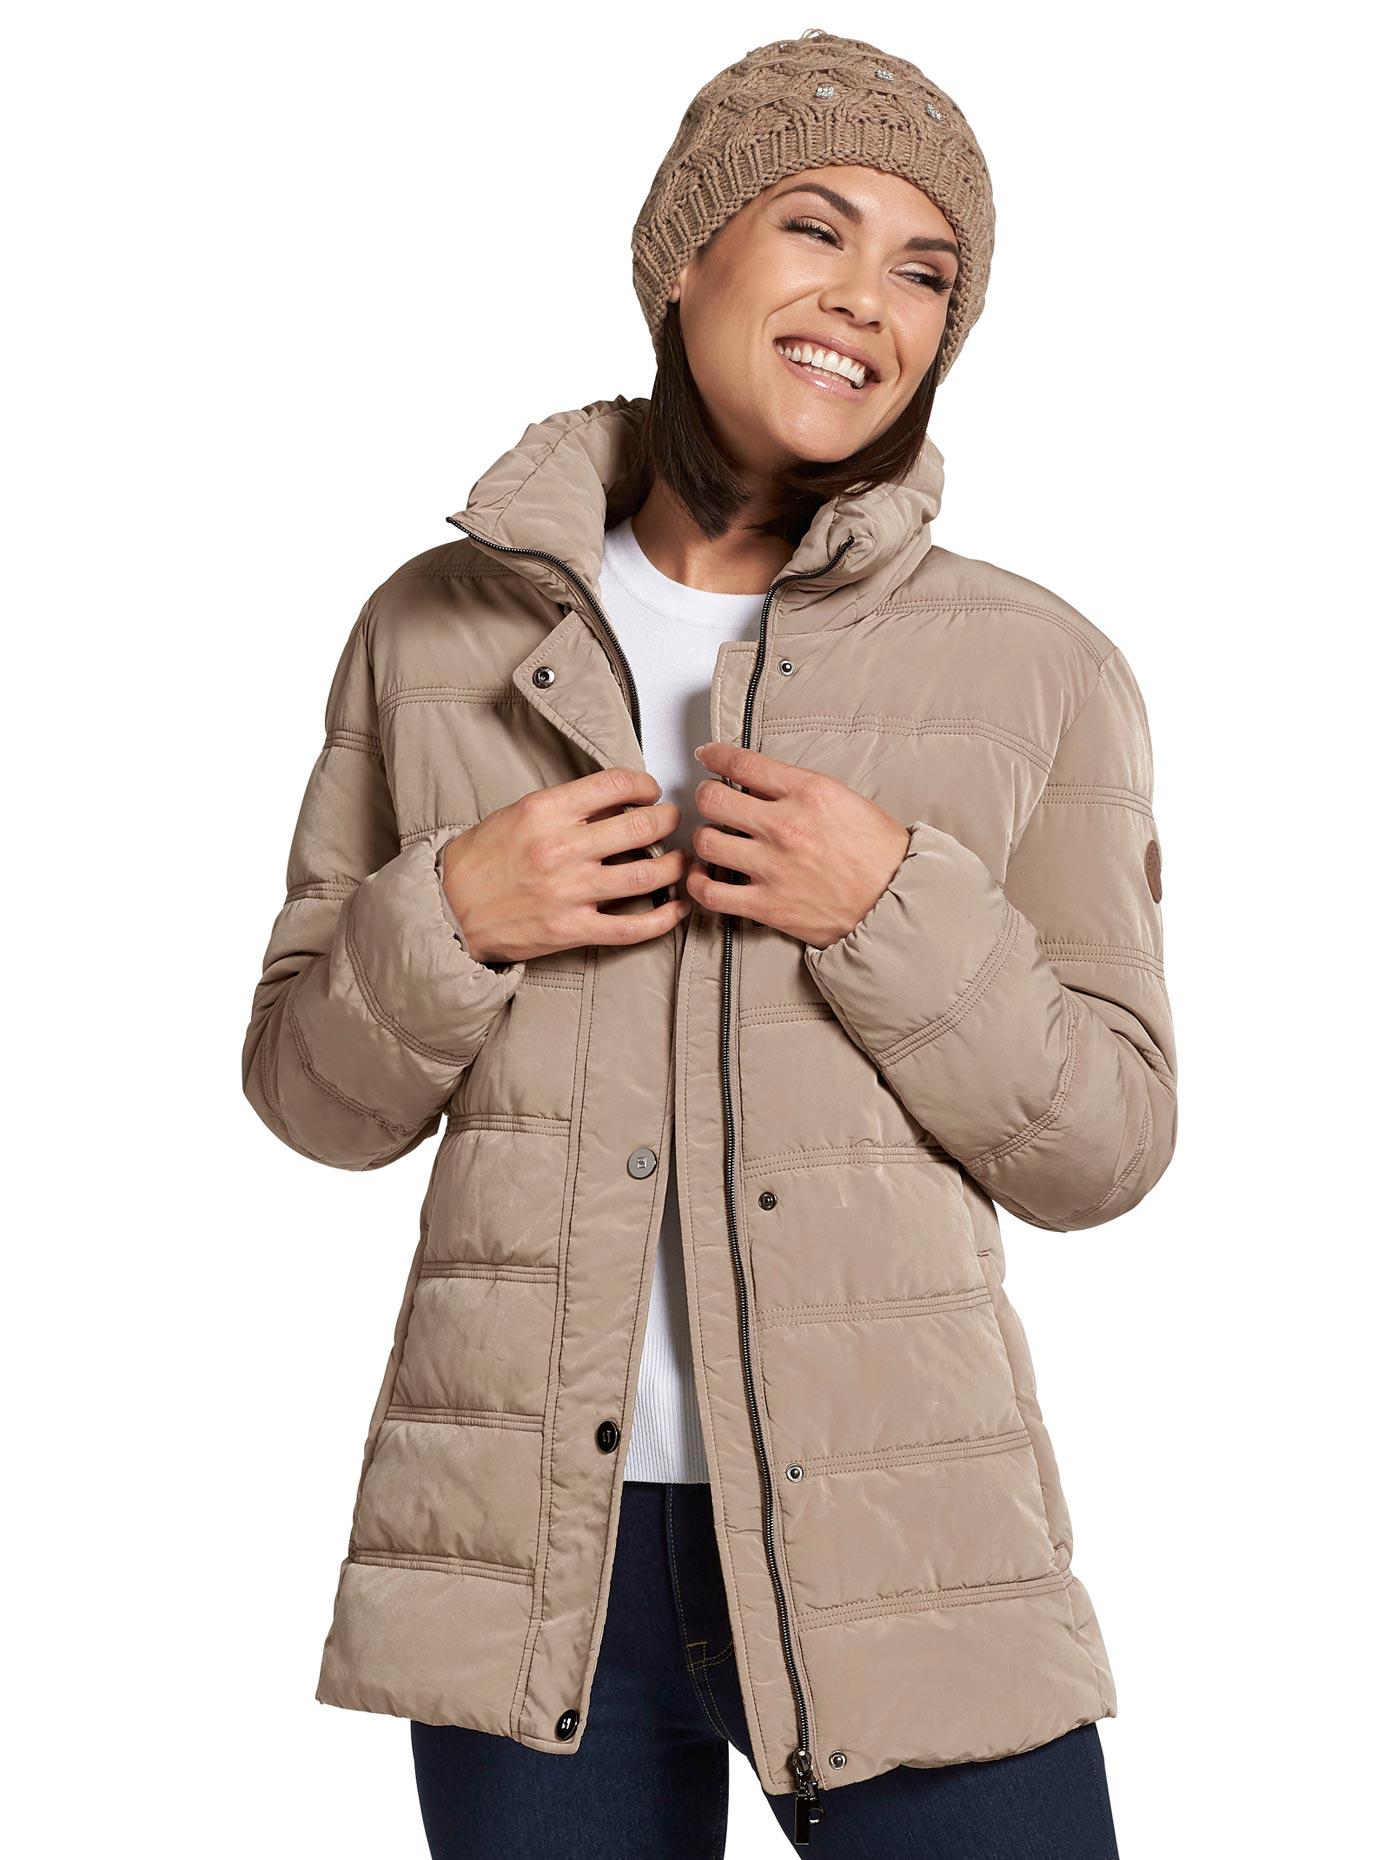 Wega Fashion Jacke in wohlig wärmender Stepp-Qualität braun Damen Steppjacken Jacken Mäntel Jacken, lang